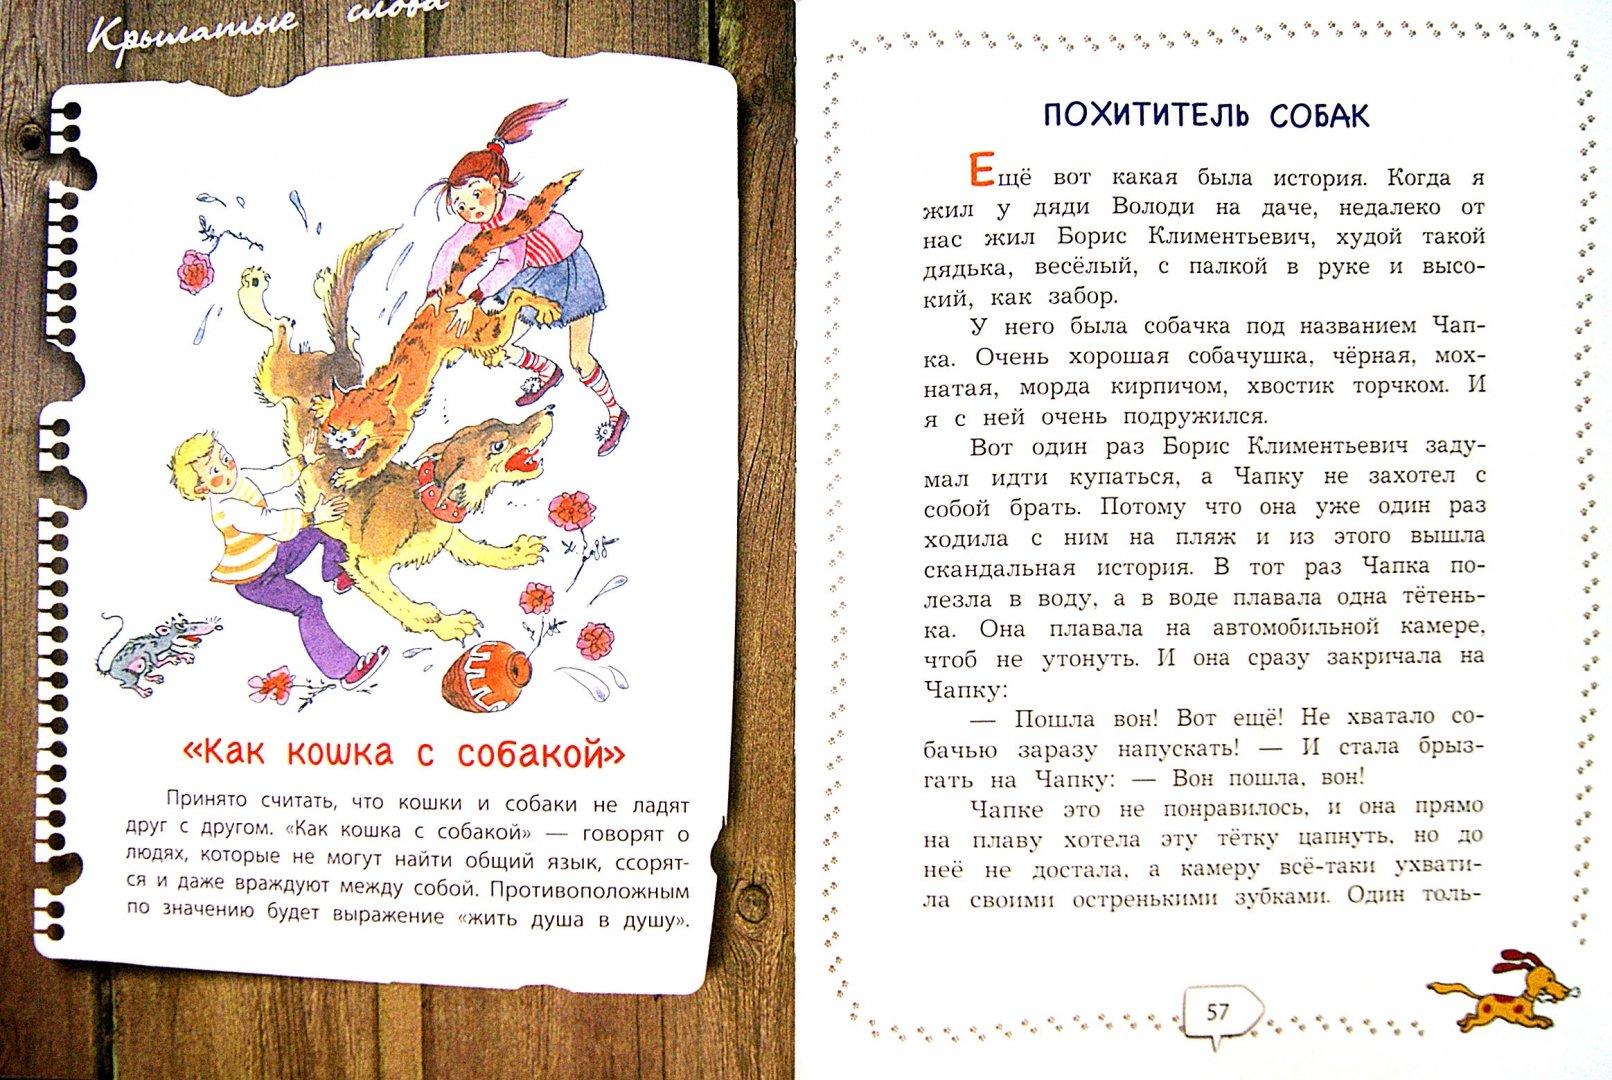 Иллюстрация 1 из 23 для Большая книга про собак - Пришвин, Георгиев, Сеф, Инбер   Лабиринт - книги. Источник: Лабиринт